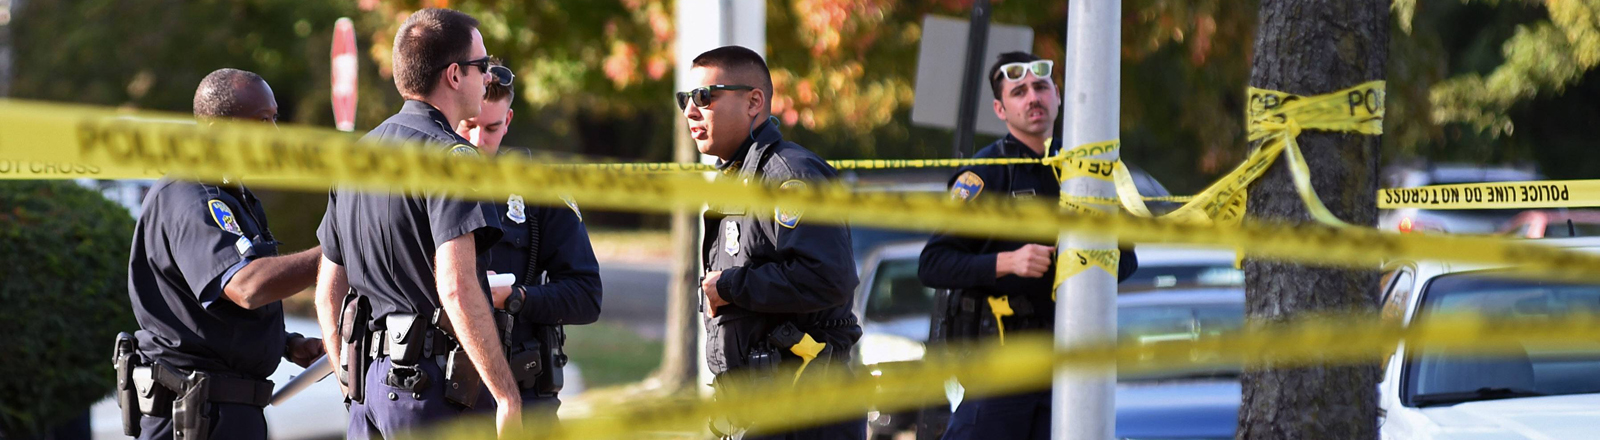 Polizisten in Baltimore vor einer Absperrung.